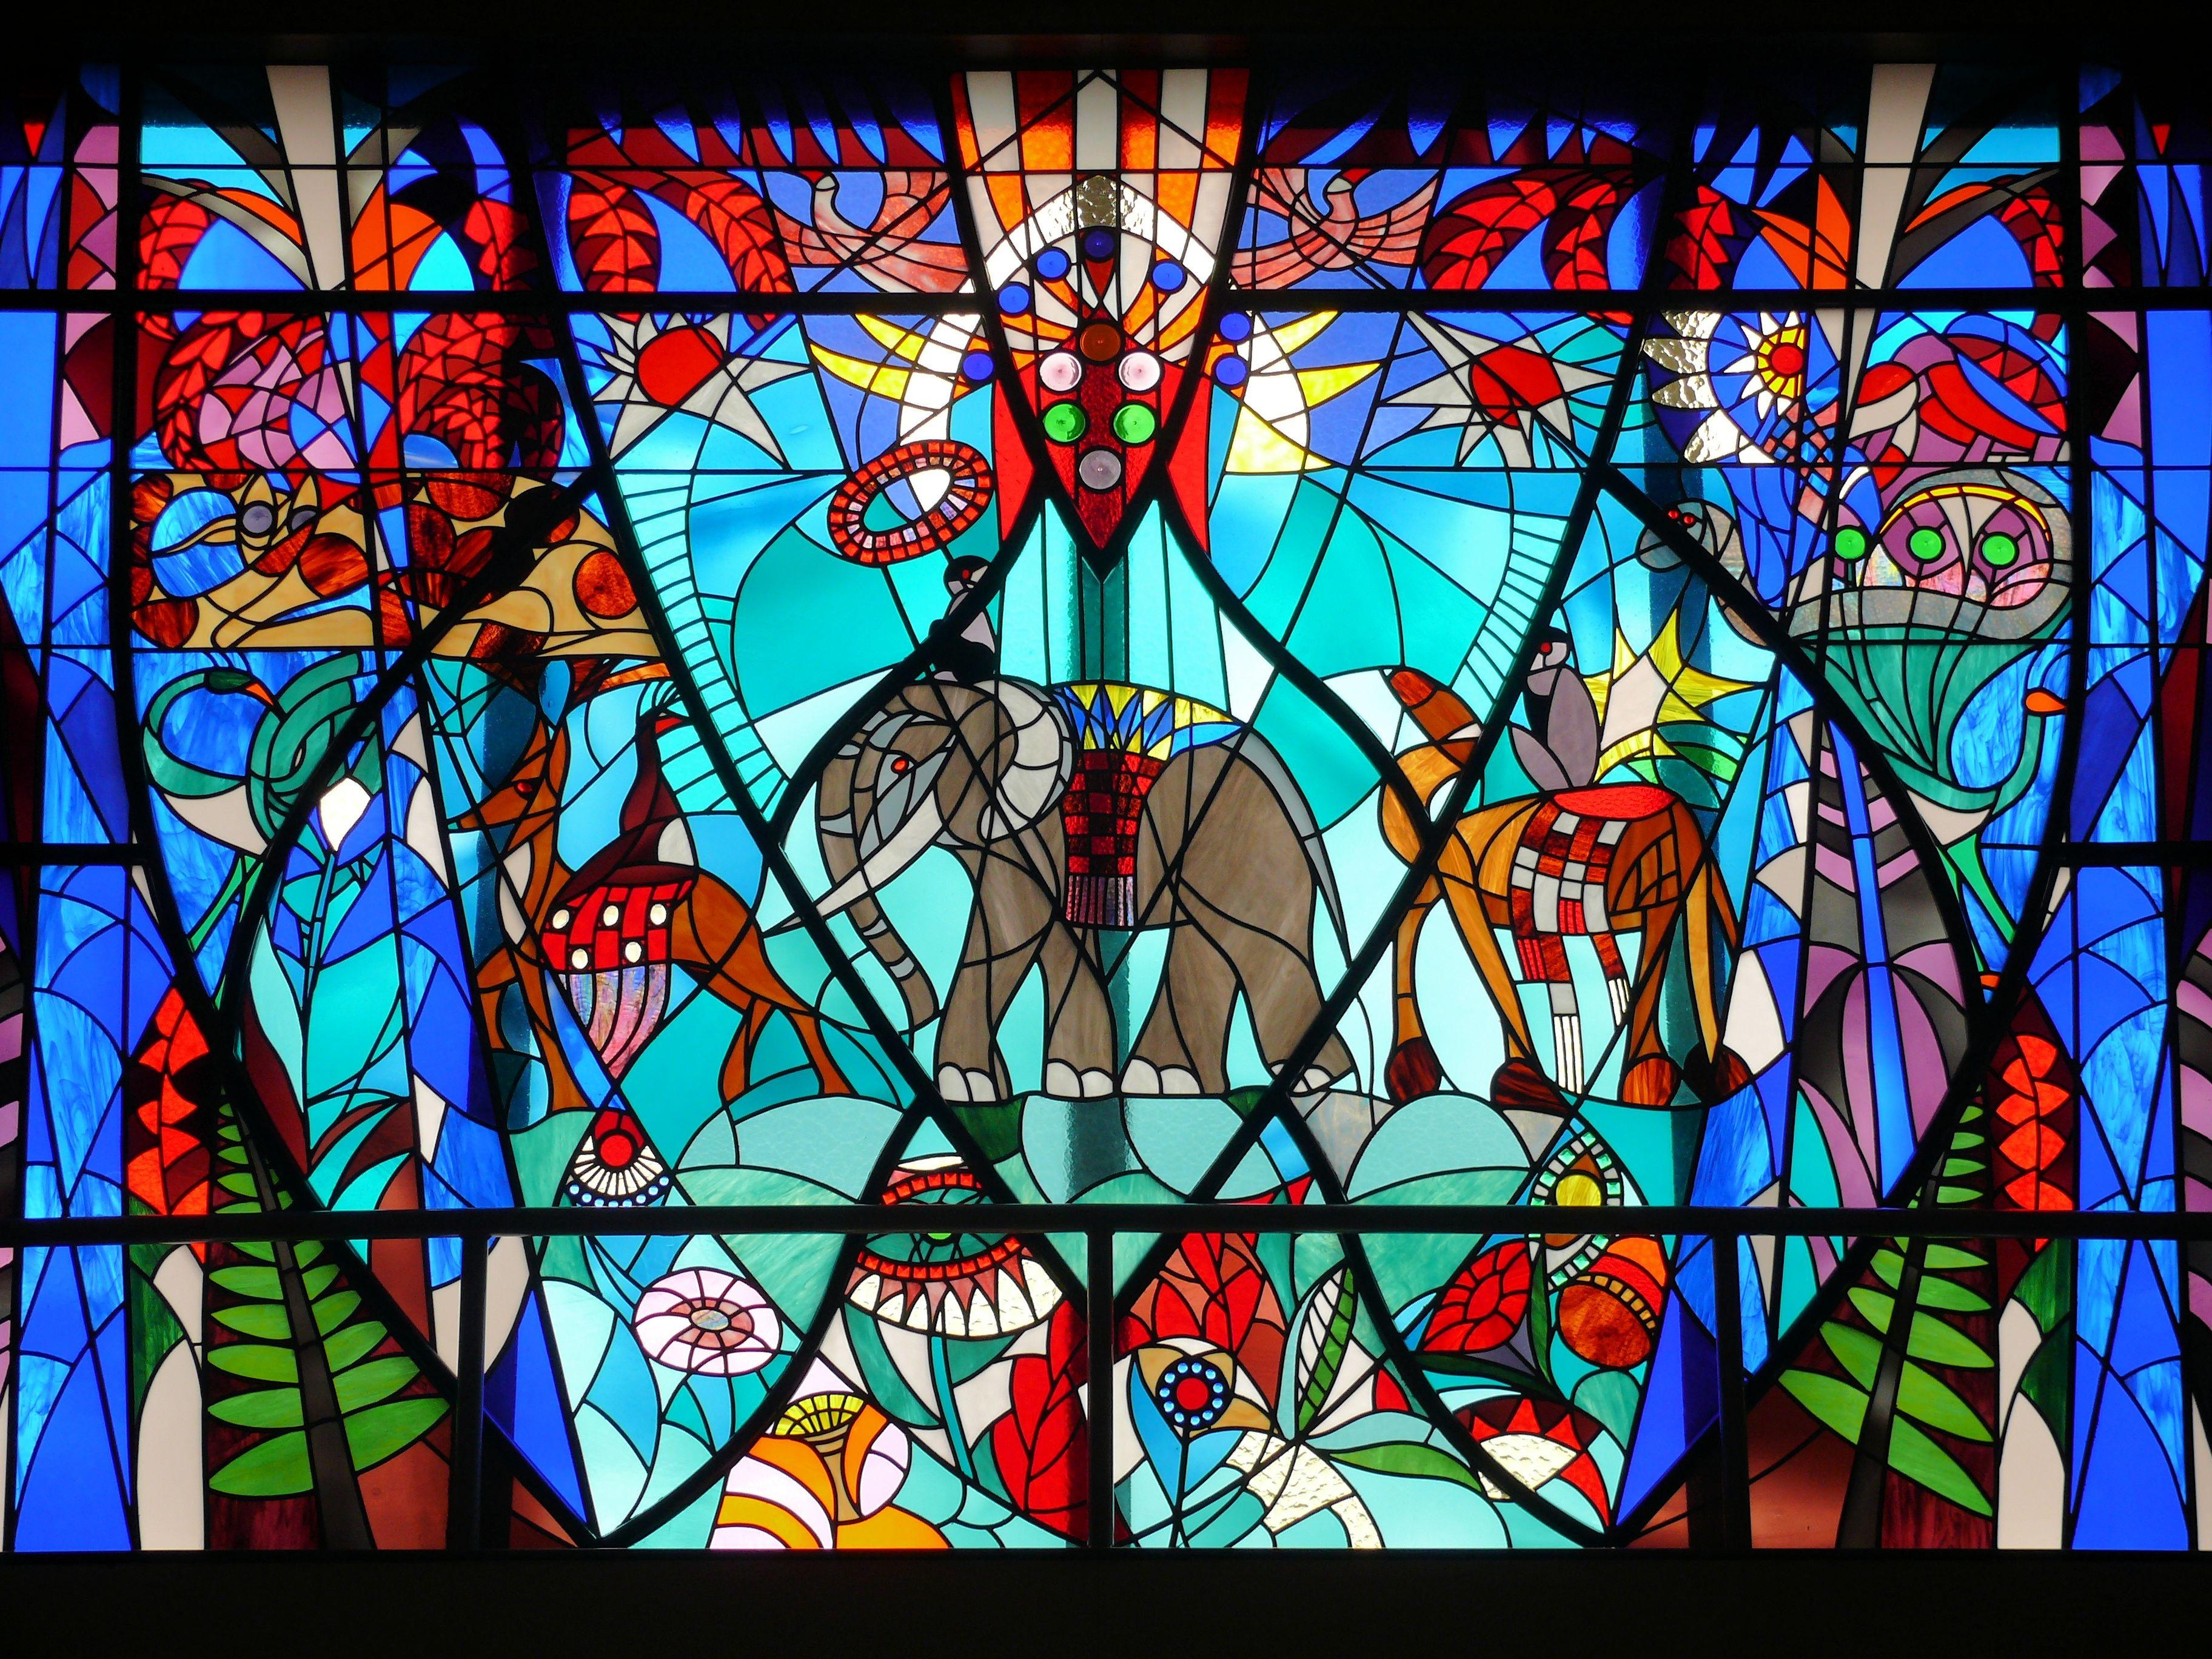 彩色玻璃:歷史、藝術和科學